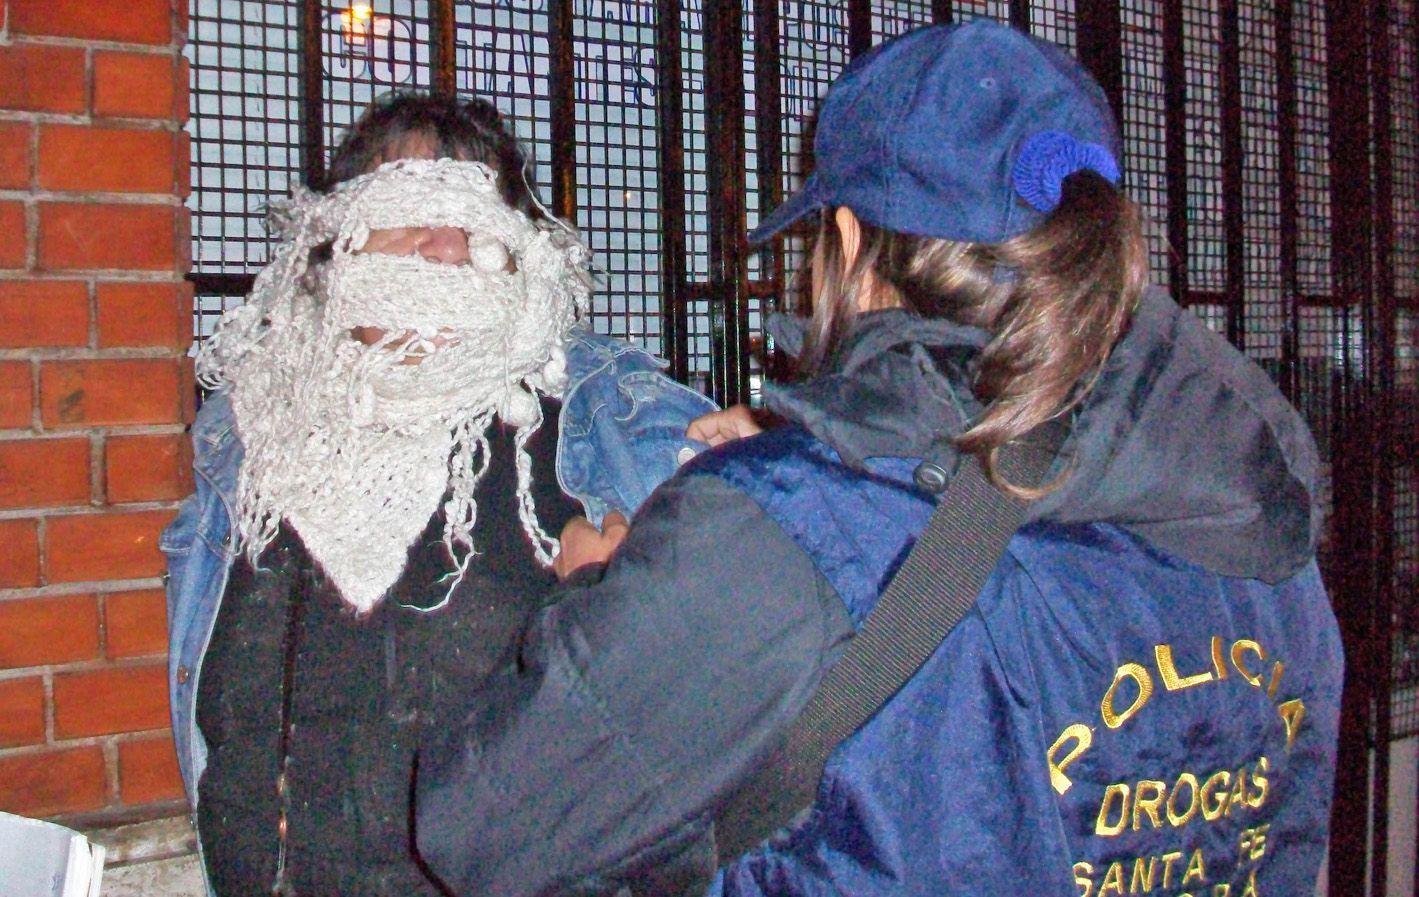 Dominga D. tiene 53 años y vive en la zona sur. La madrugada de ayer la apresaron con droga en Mitre y Mendoza.